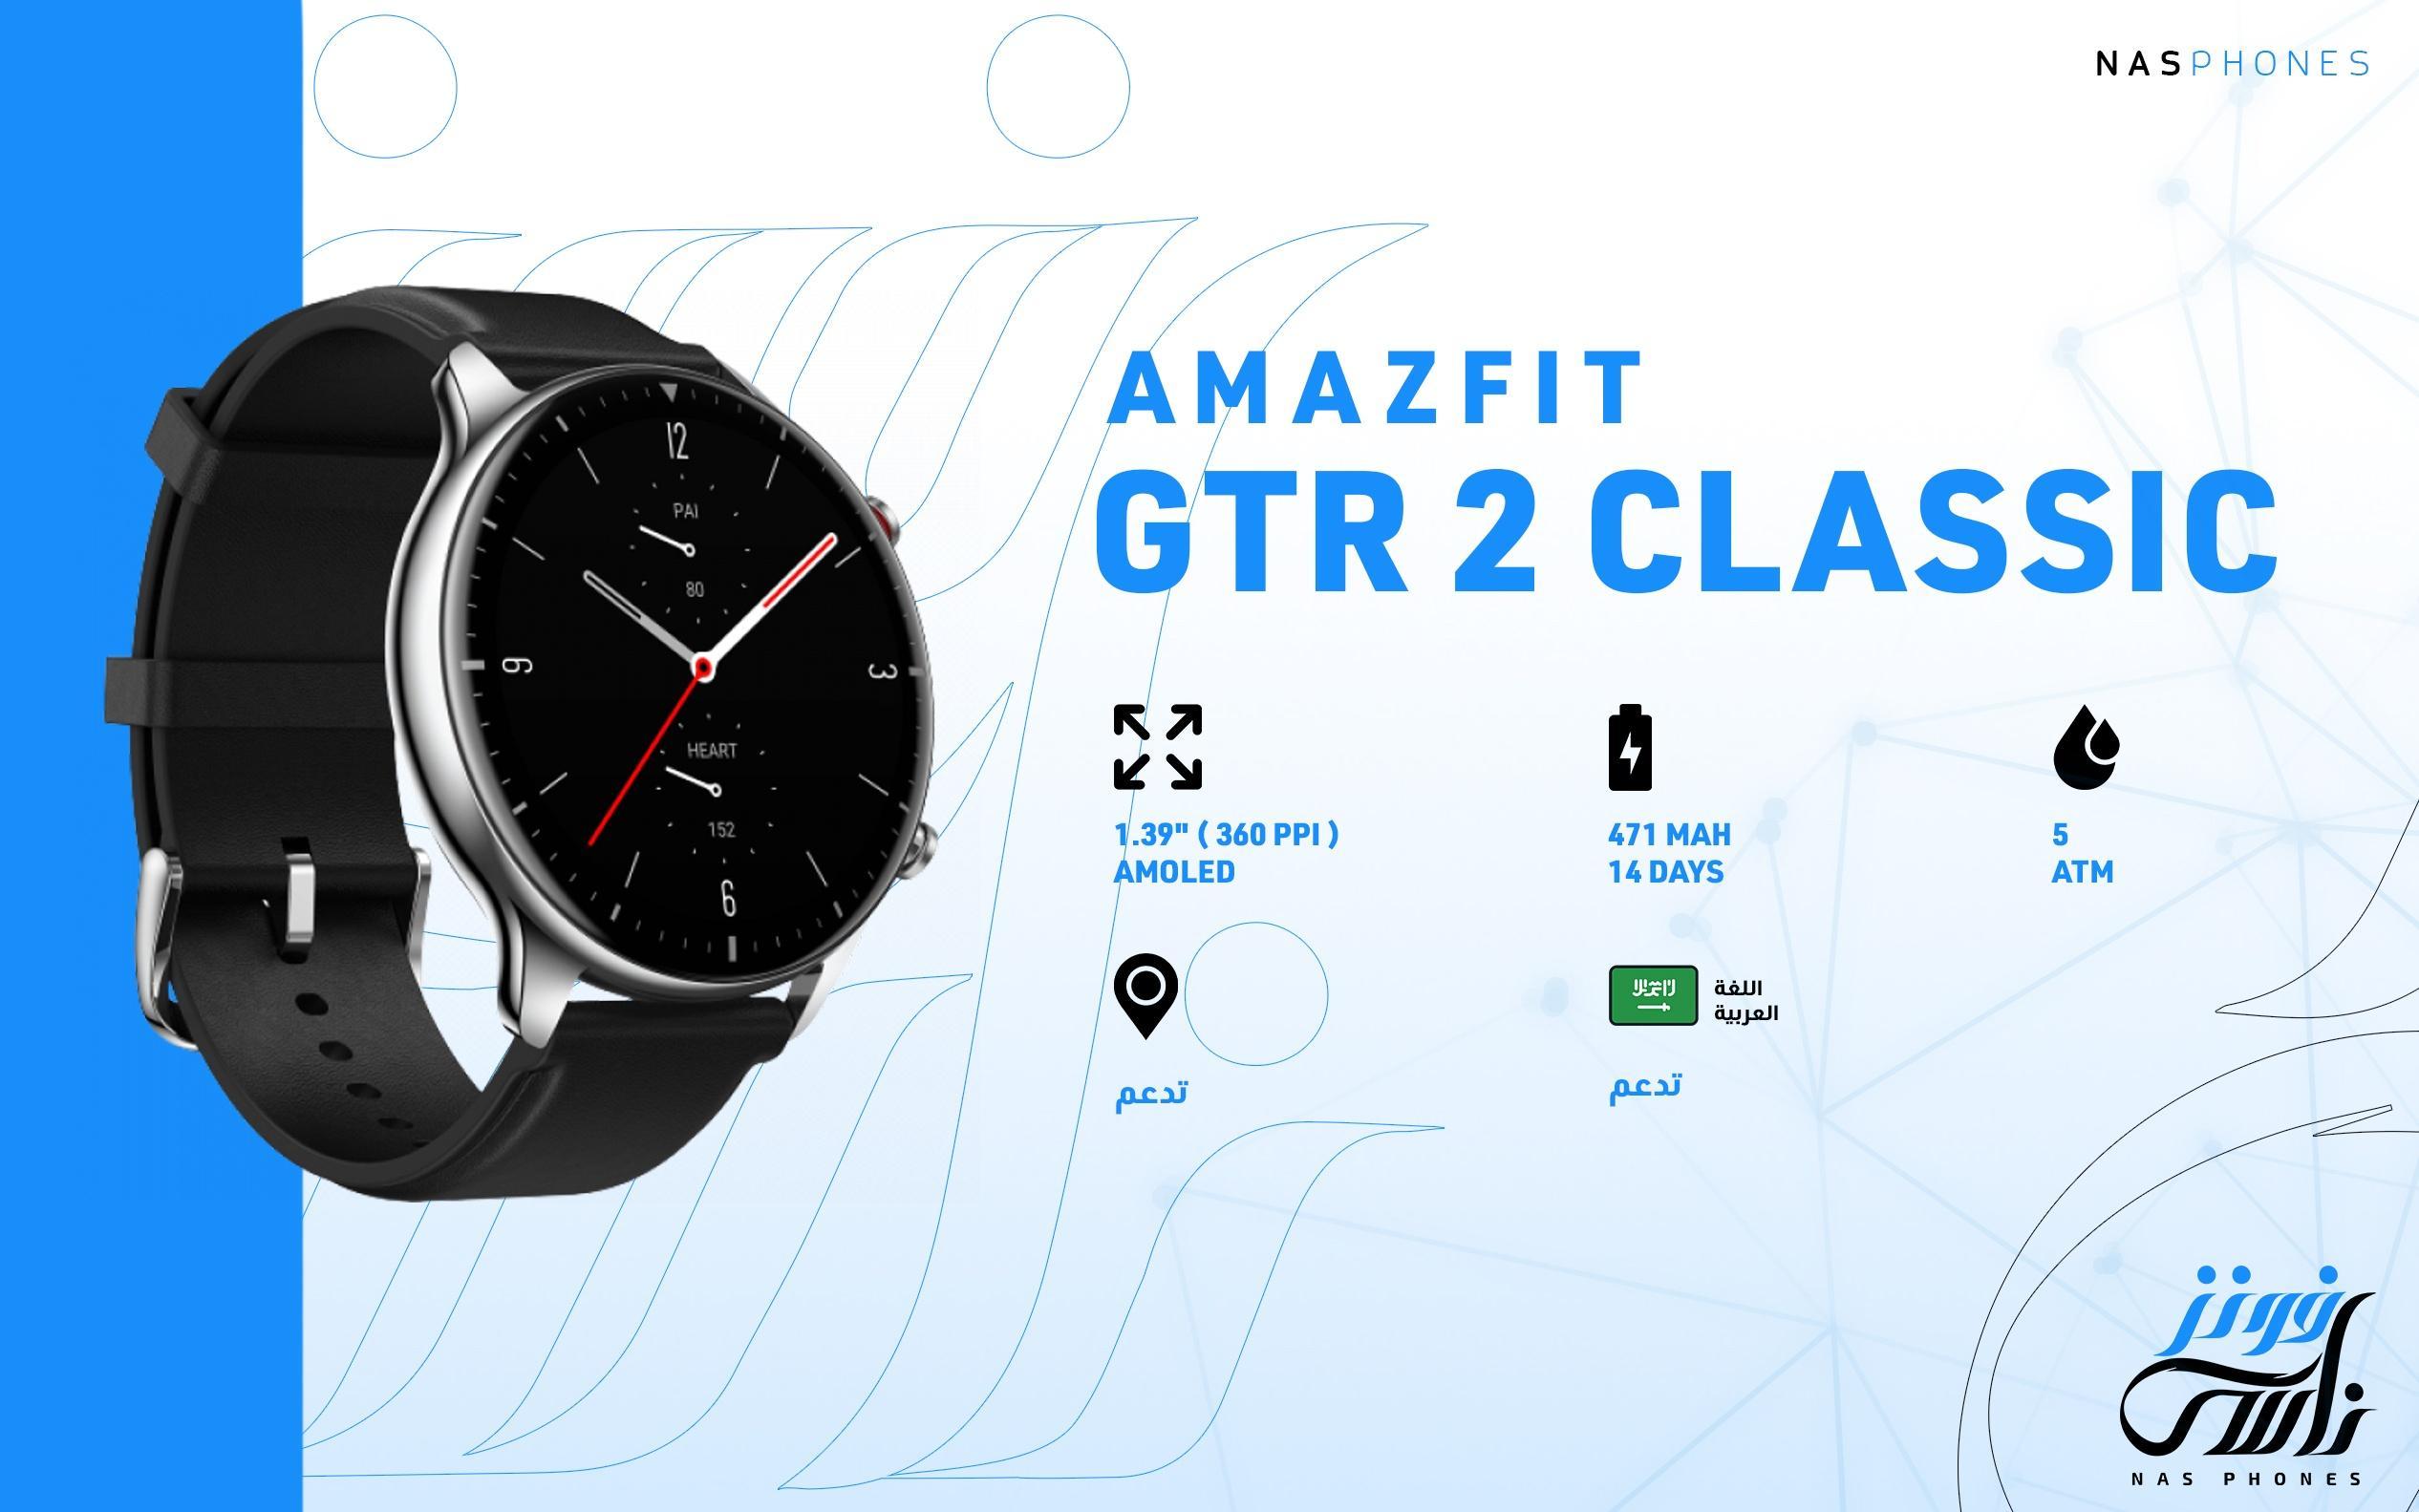 Amazfit GTR 2 classic